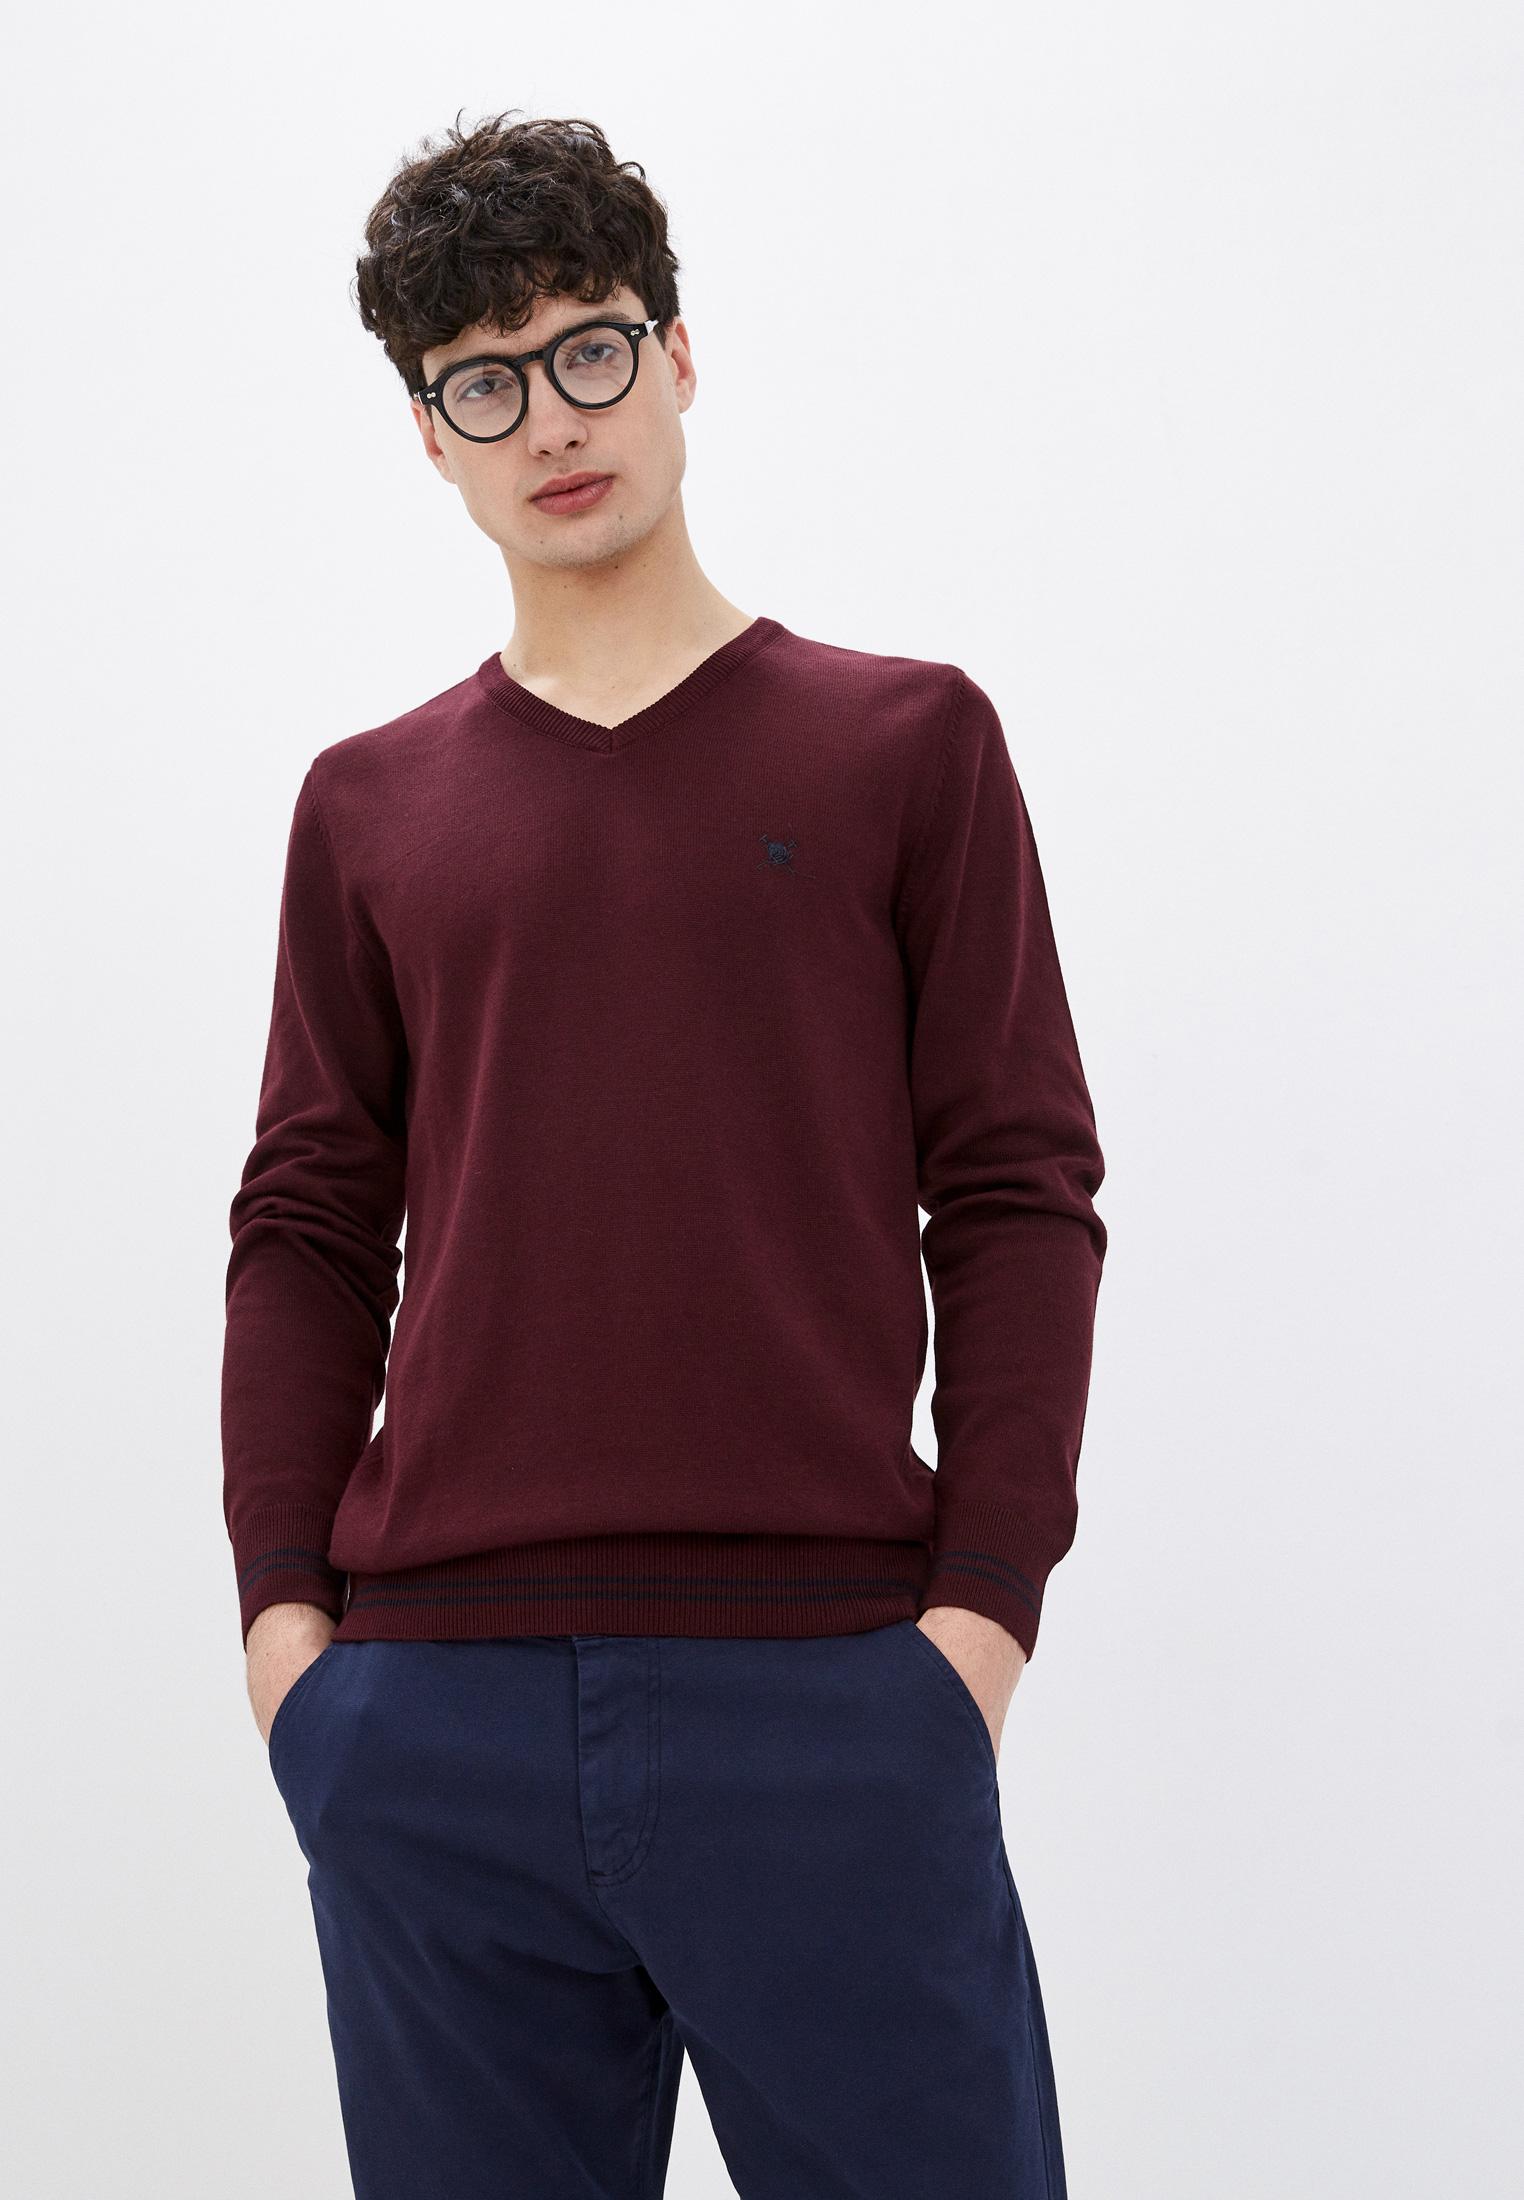 Пуловер Auden Cavill Пуловер Auden Cavill